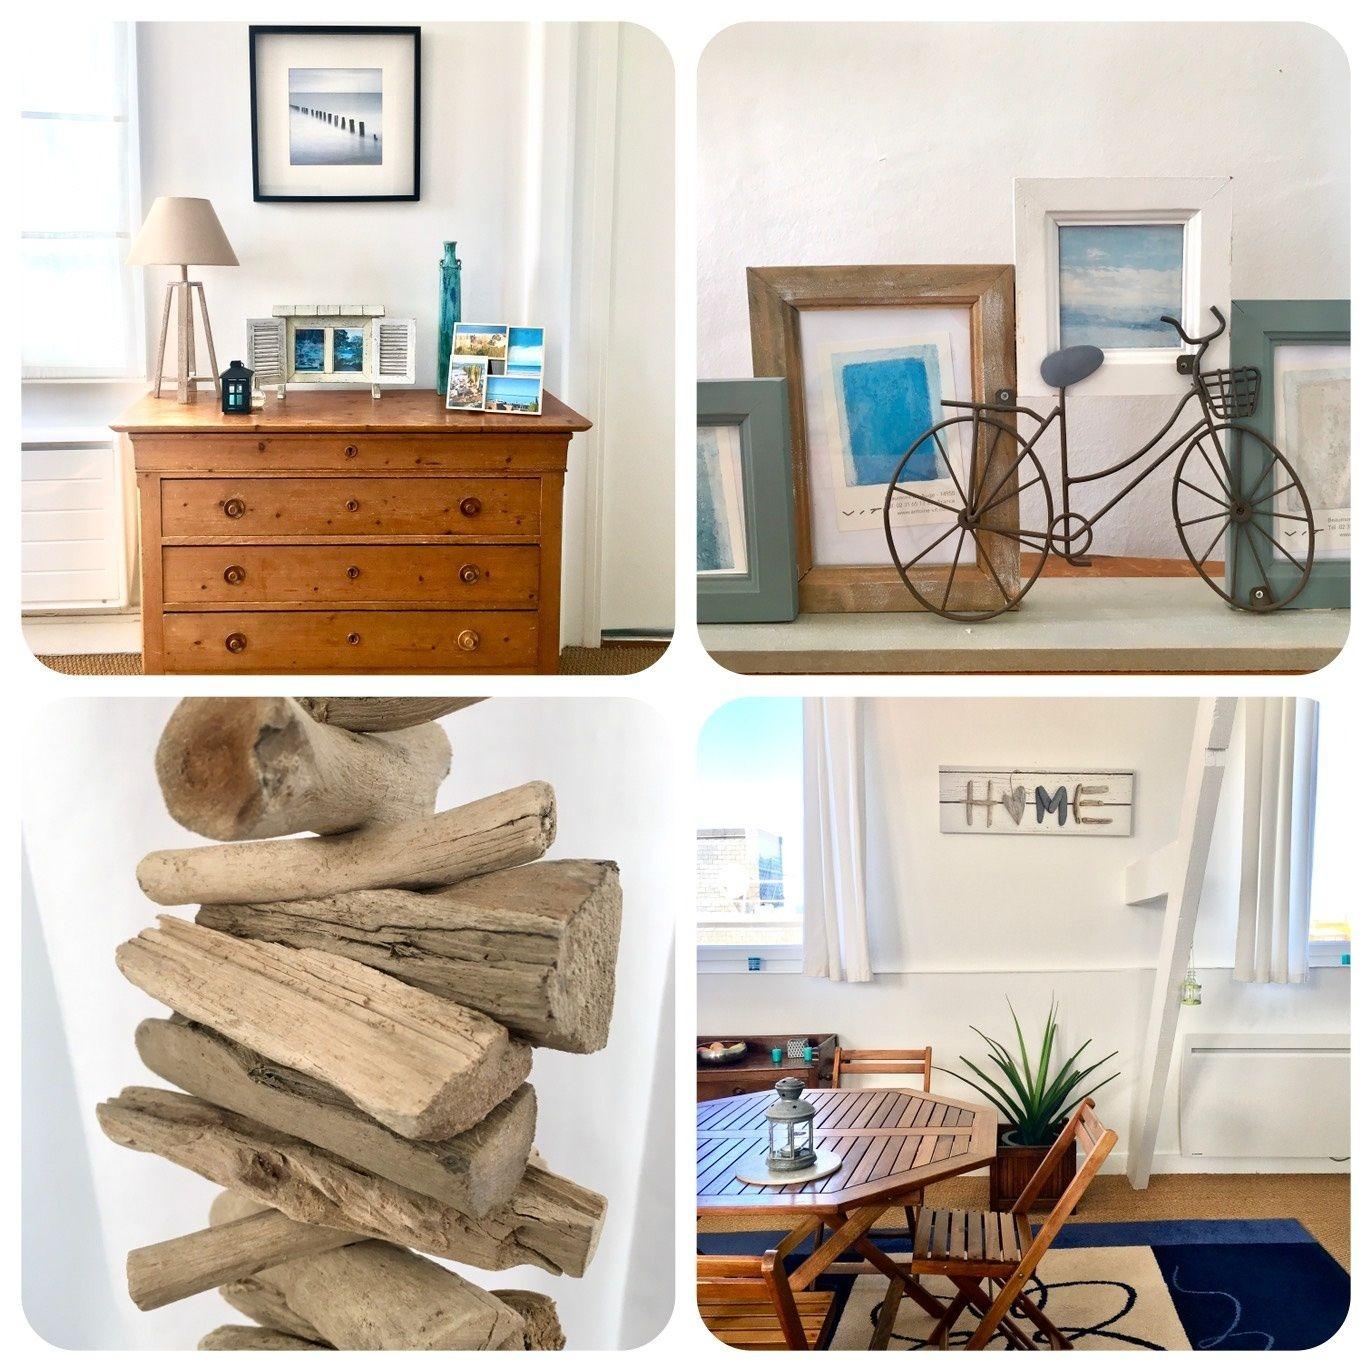 8-decoration-chic-appartement-a-vendre-la-clef-des-villes-agence-immobiliere-villers-sur-mer